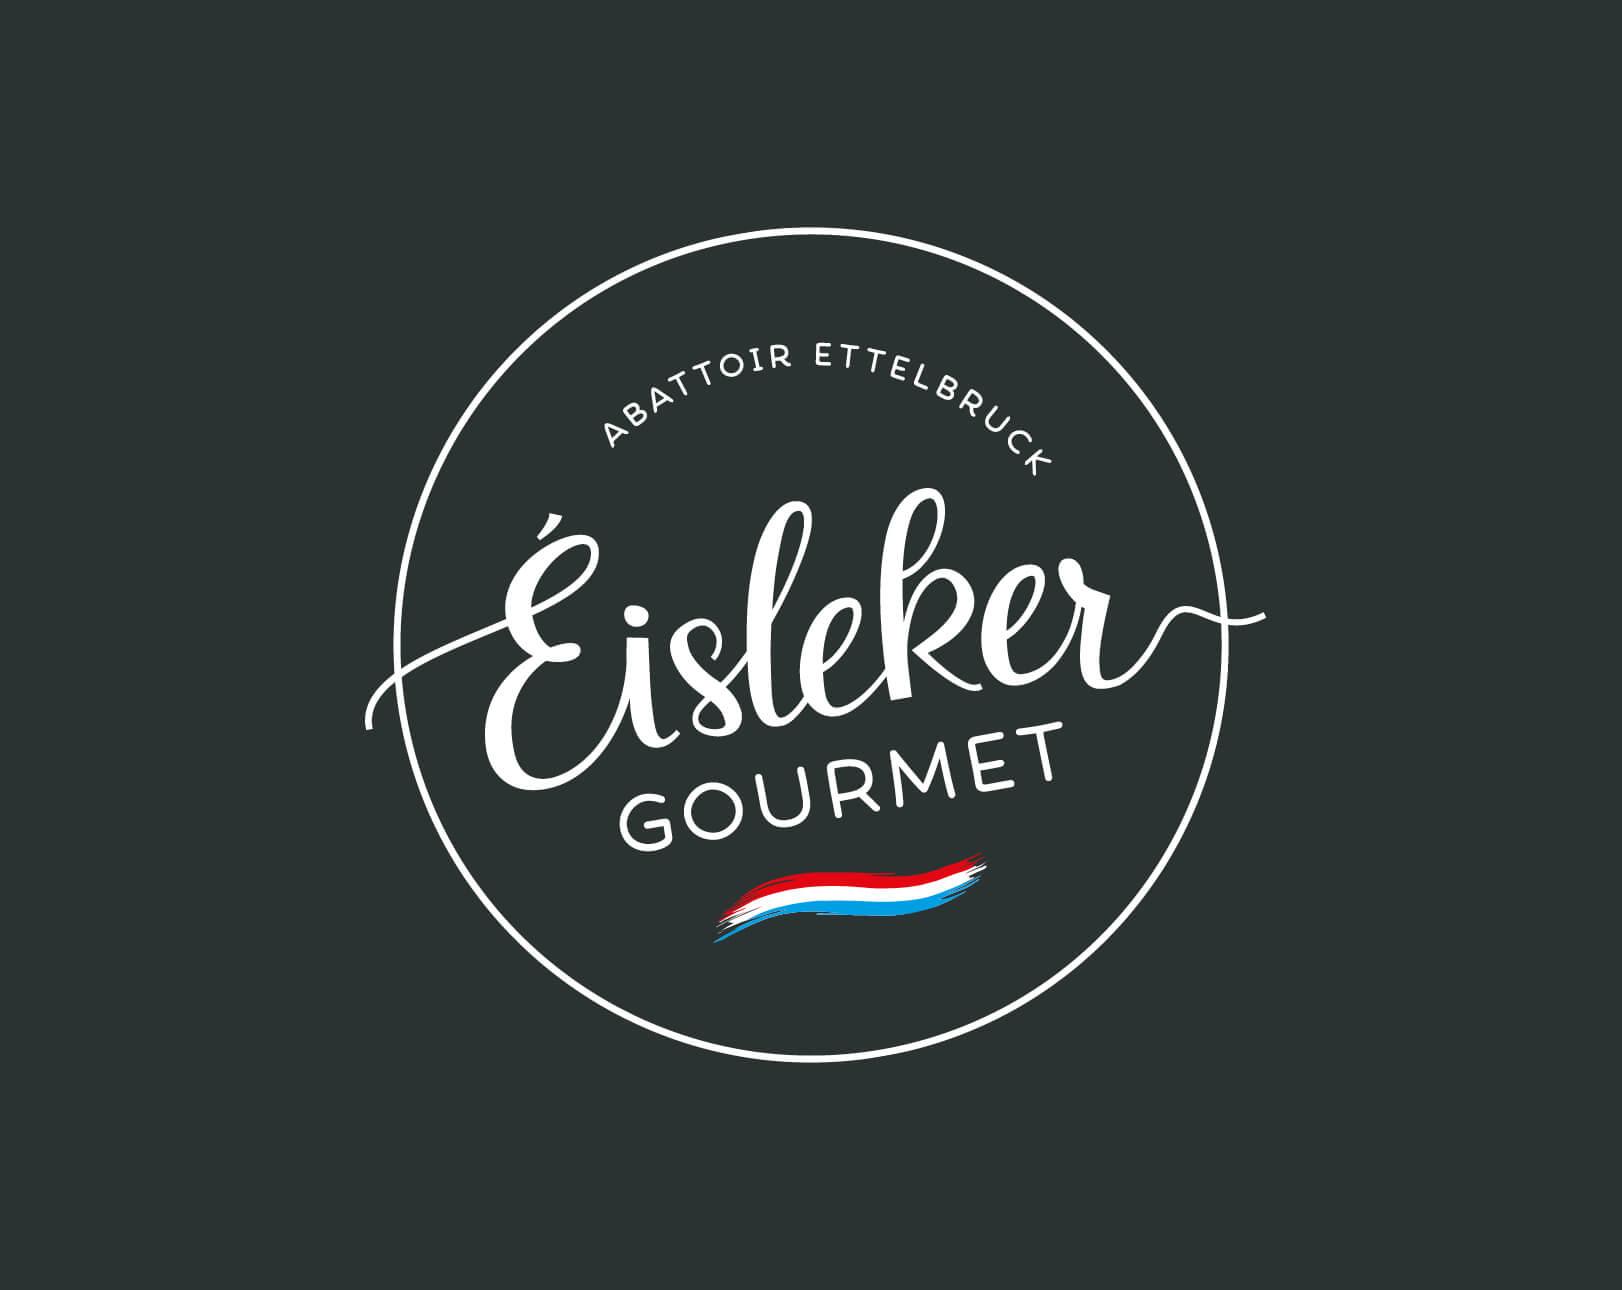 Abattoir Ettelbruck - Eisleker Gourmet